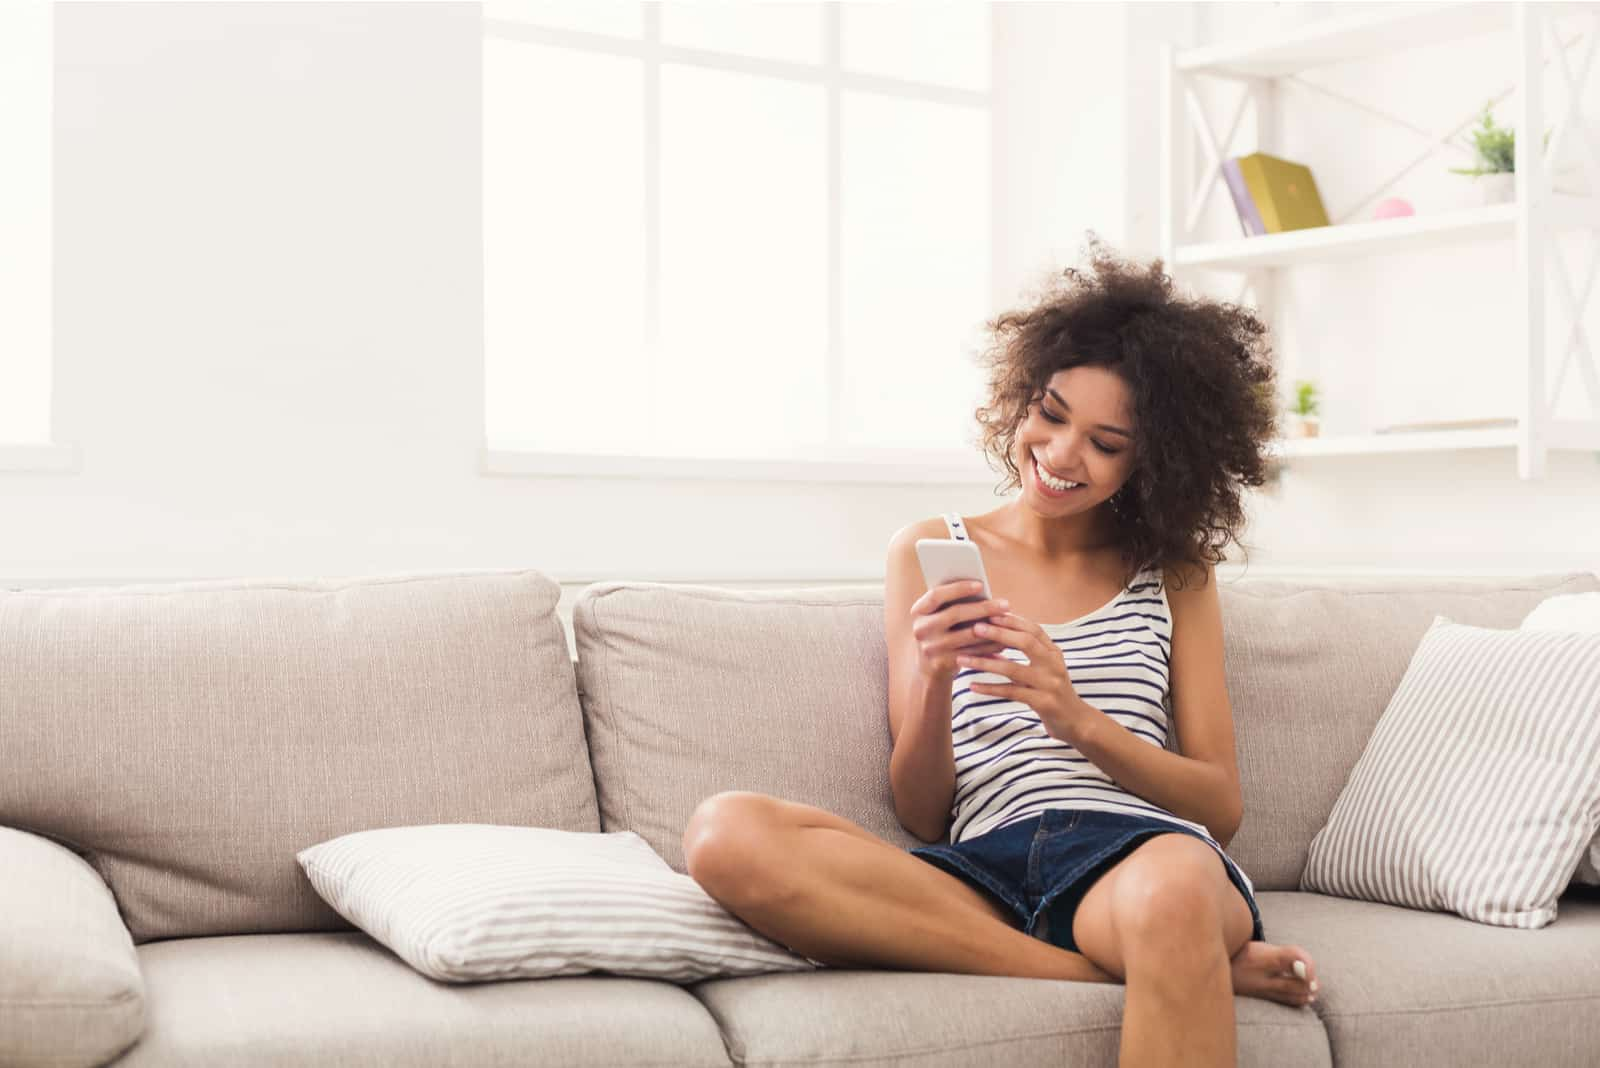 une femme souriante aux cheveux crépus est assise sur le canapé et taper au téléphone